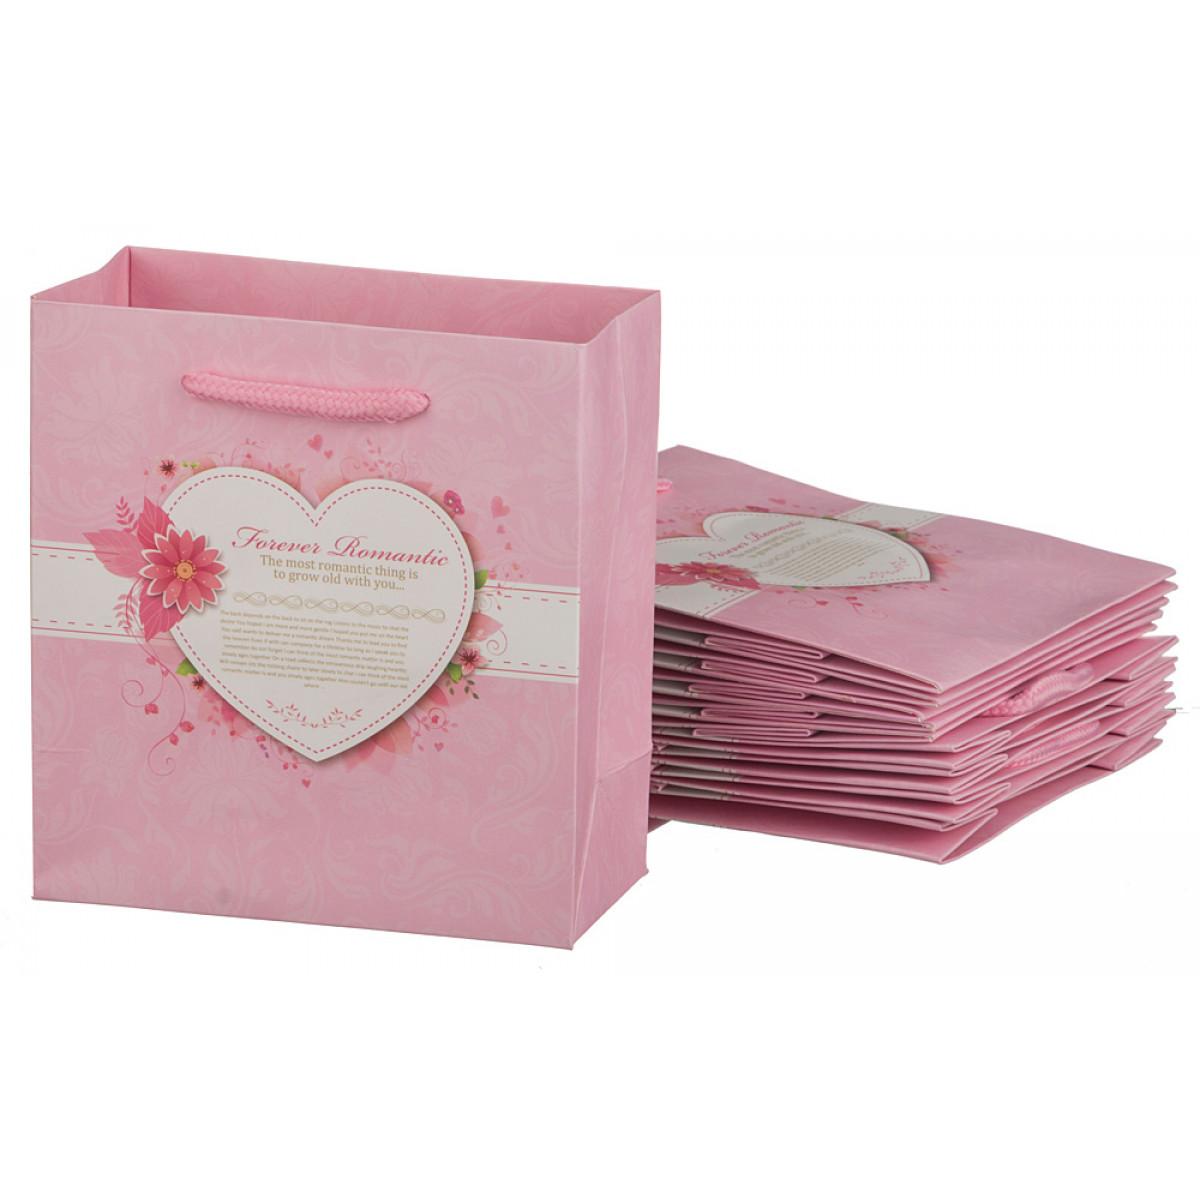 {} Lefard Пакет подарочный Anthony (7х14х16 см - 10 шт) lefard пакет подарочный luvinia 7х14х16 см 10 шт